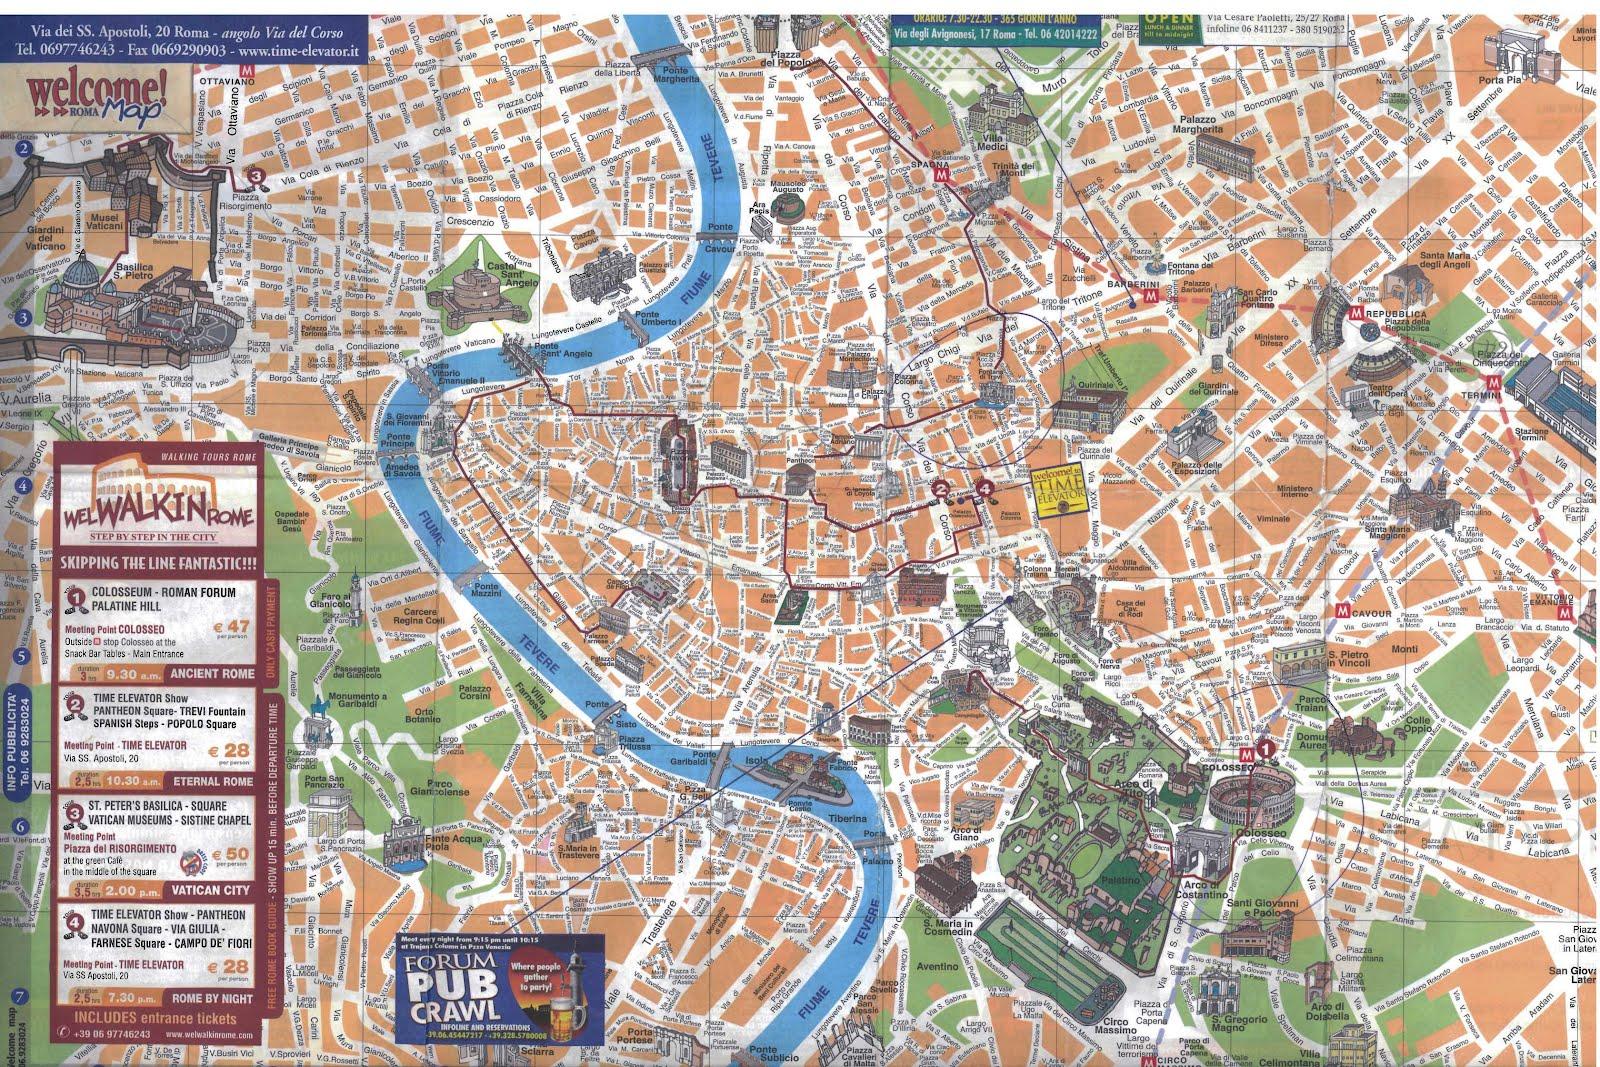 mapa turistico roma Mapa Turístico Roma mapa turistico roma